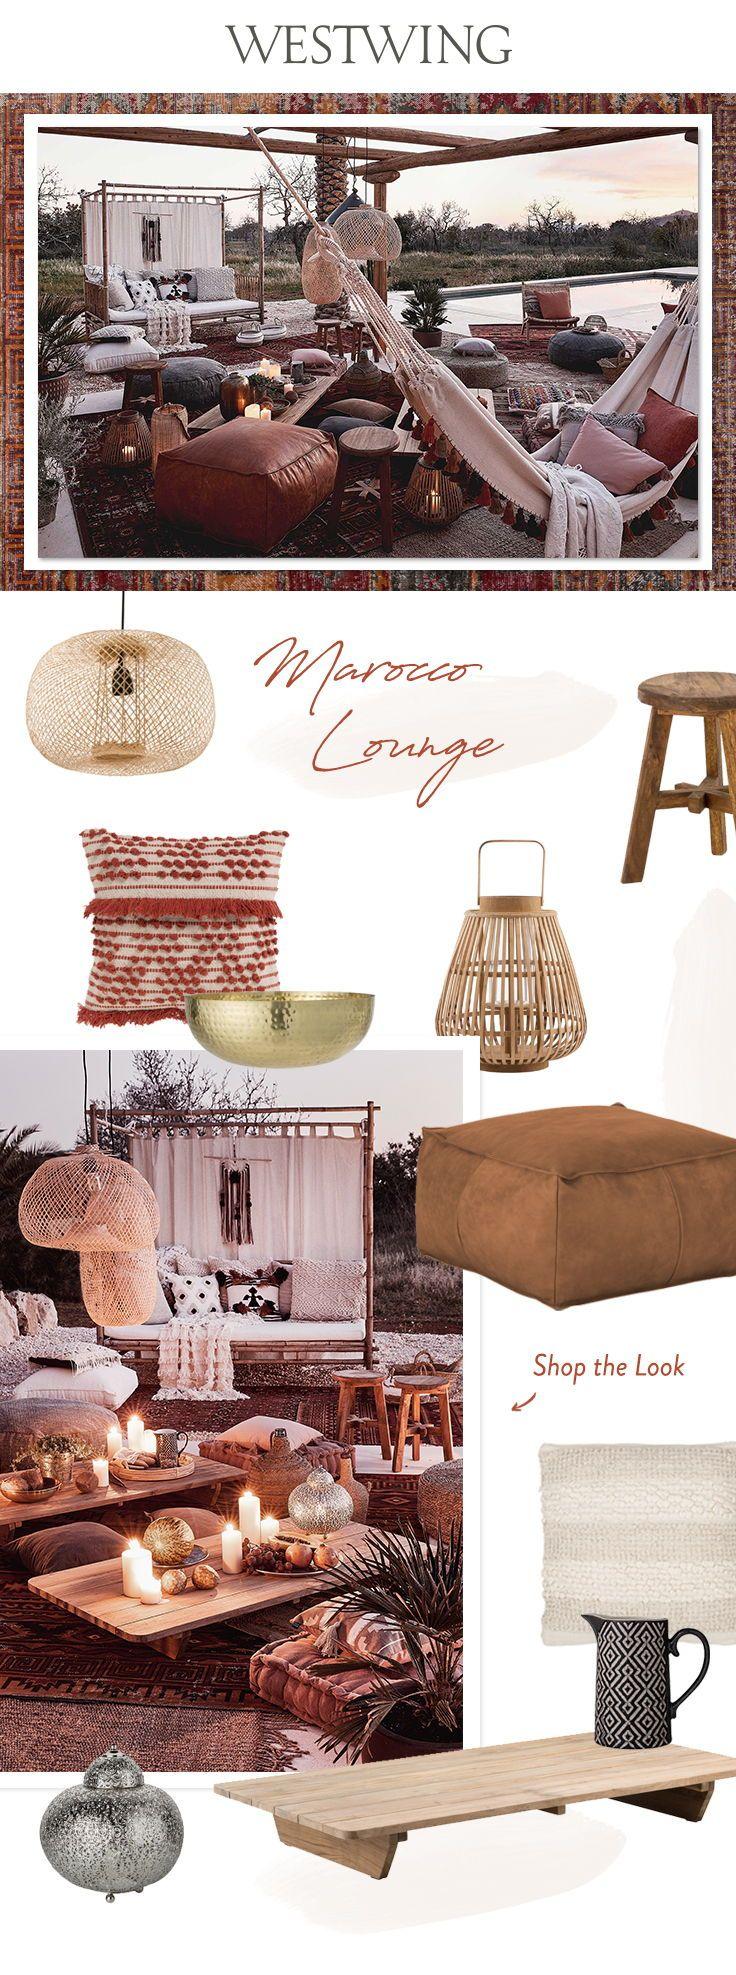 Look »Marocco Lounge« Il Marocco evoca le tonalità